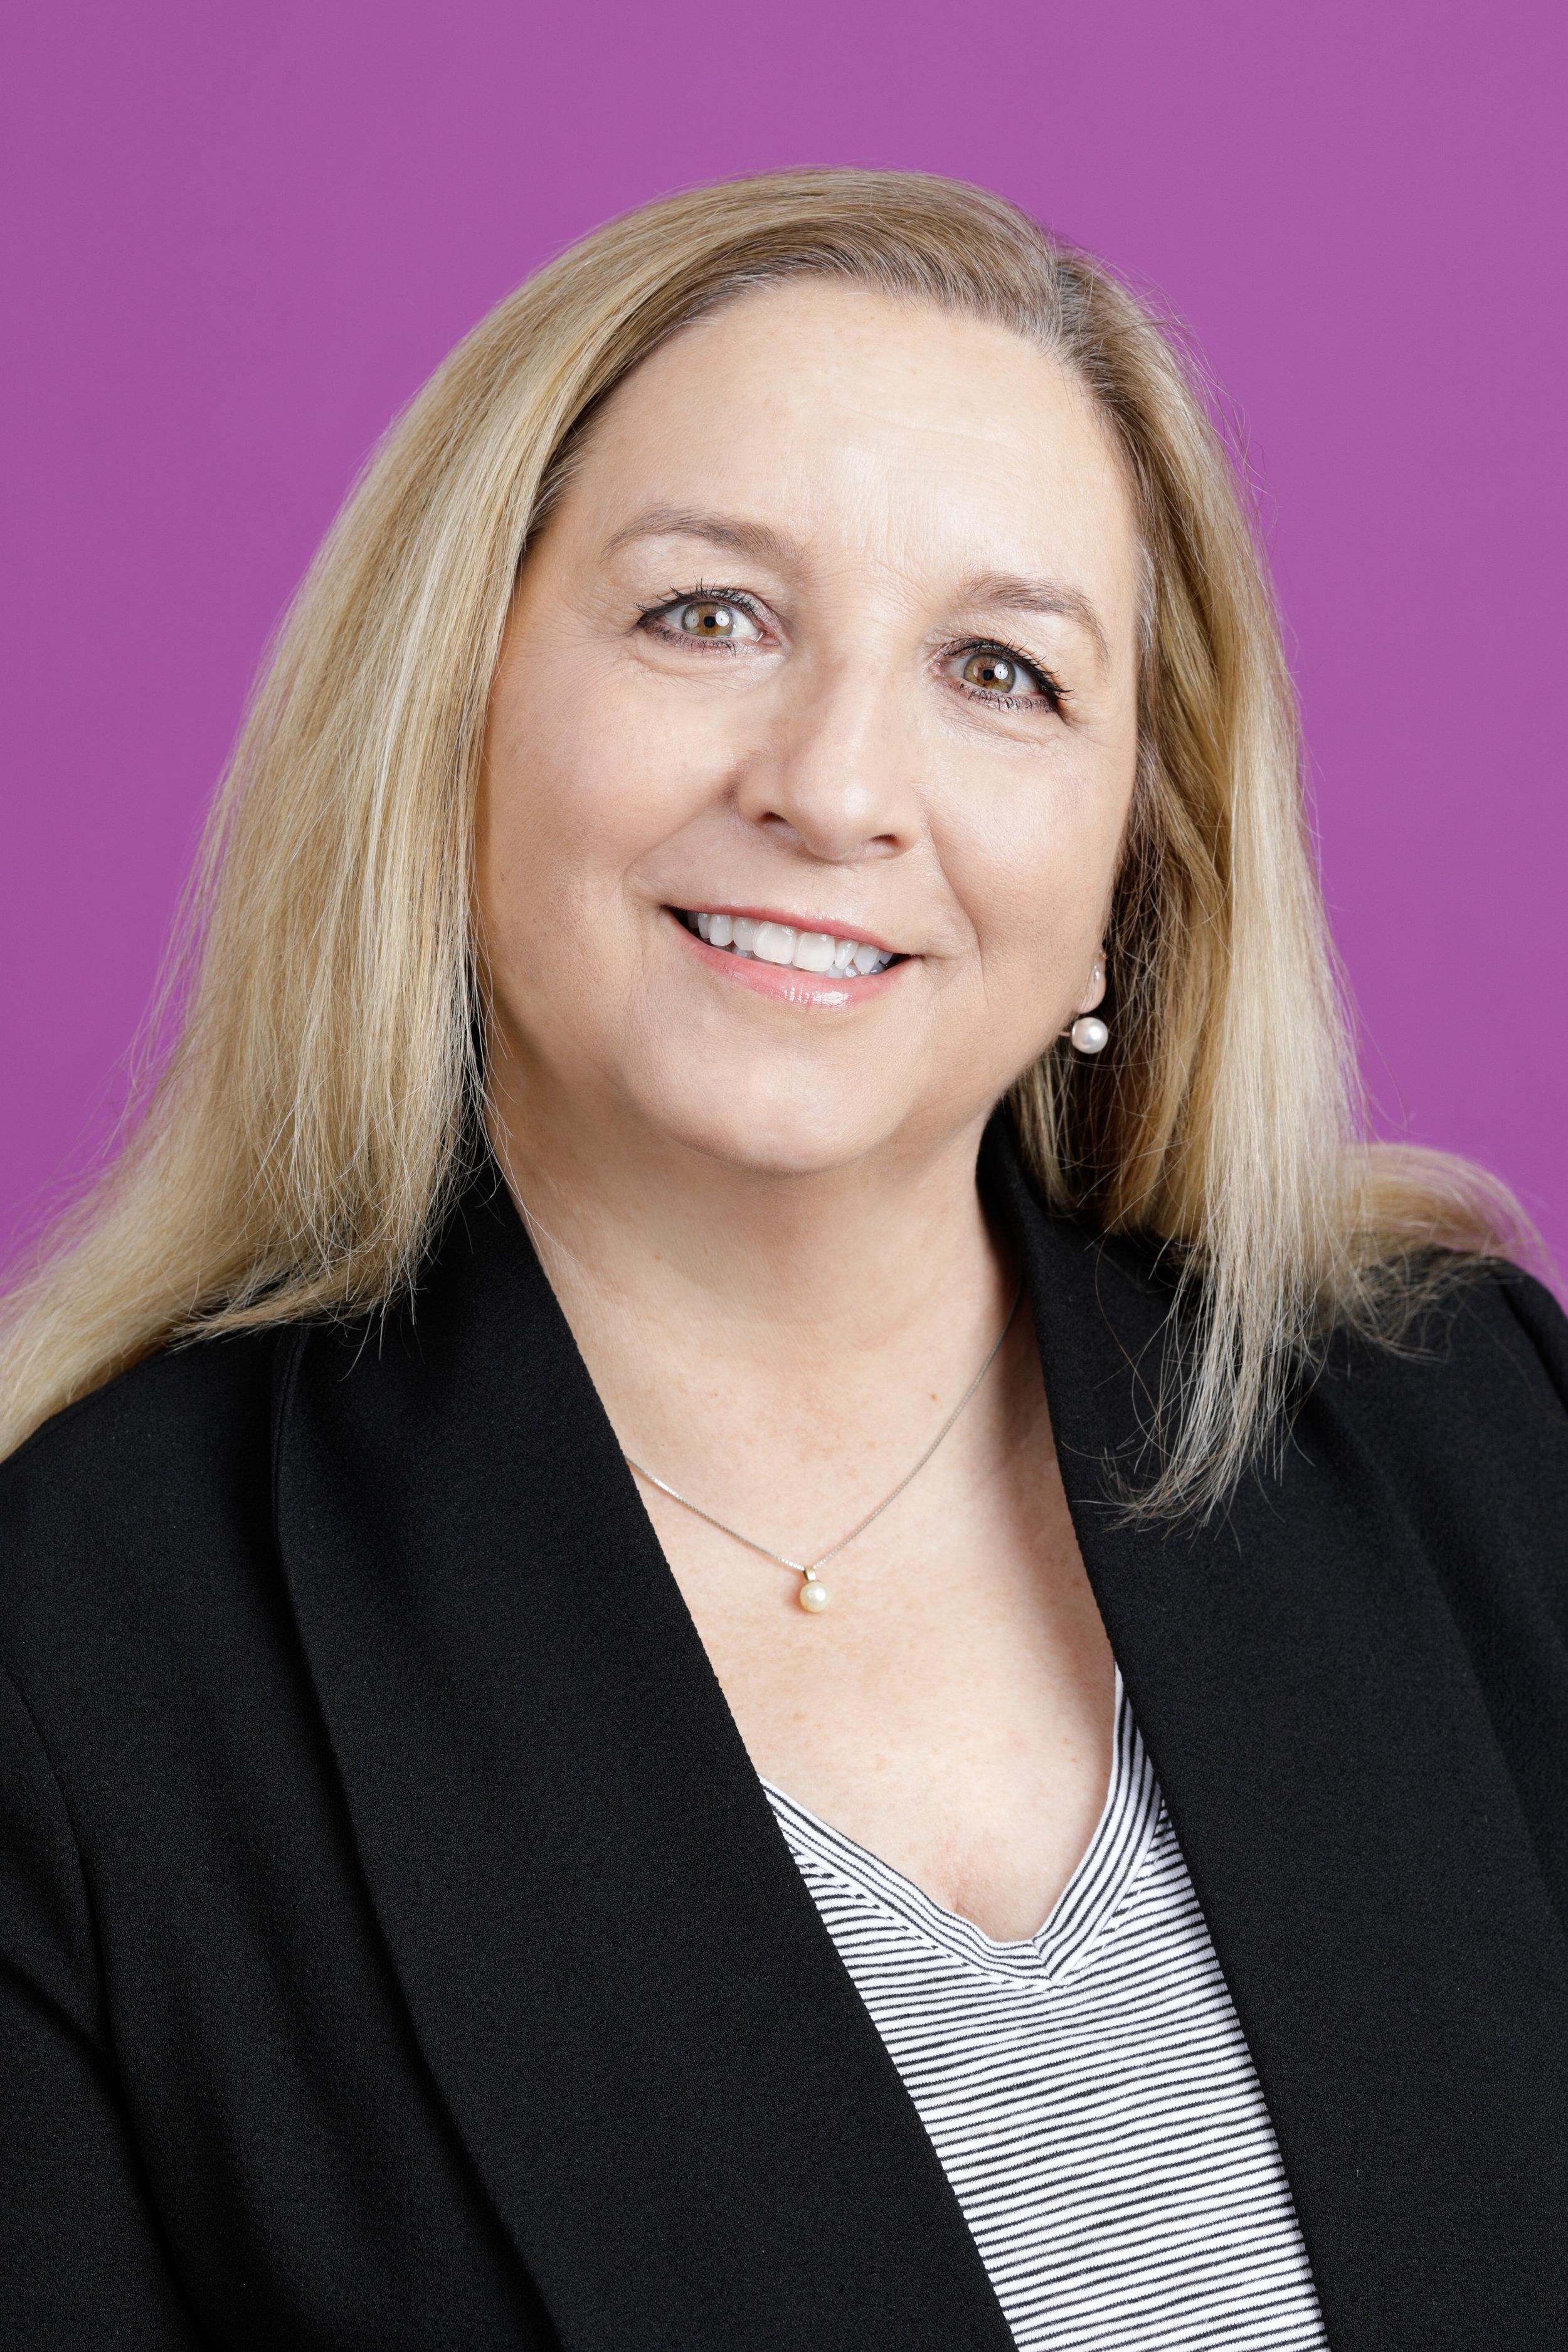 Kim Praniewicz - Owner, Media Authority